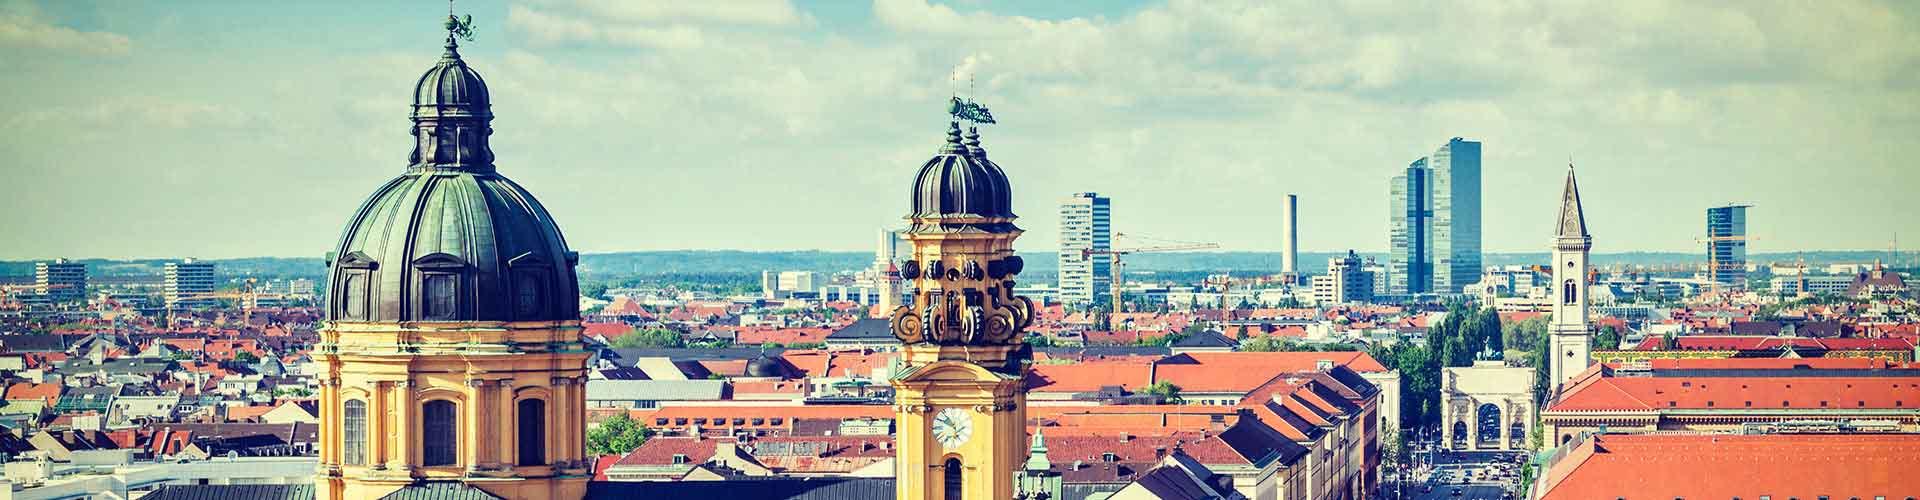 慕尼黑 – Dom Pedro区的青年旅舍。慕尼黑地图,慕尼黑每间青年旅舍的照片和评价。